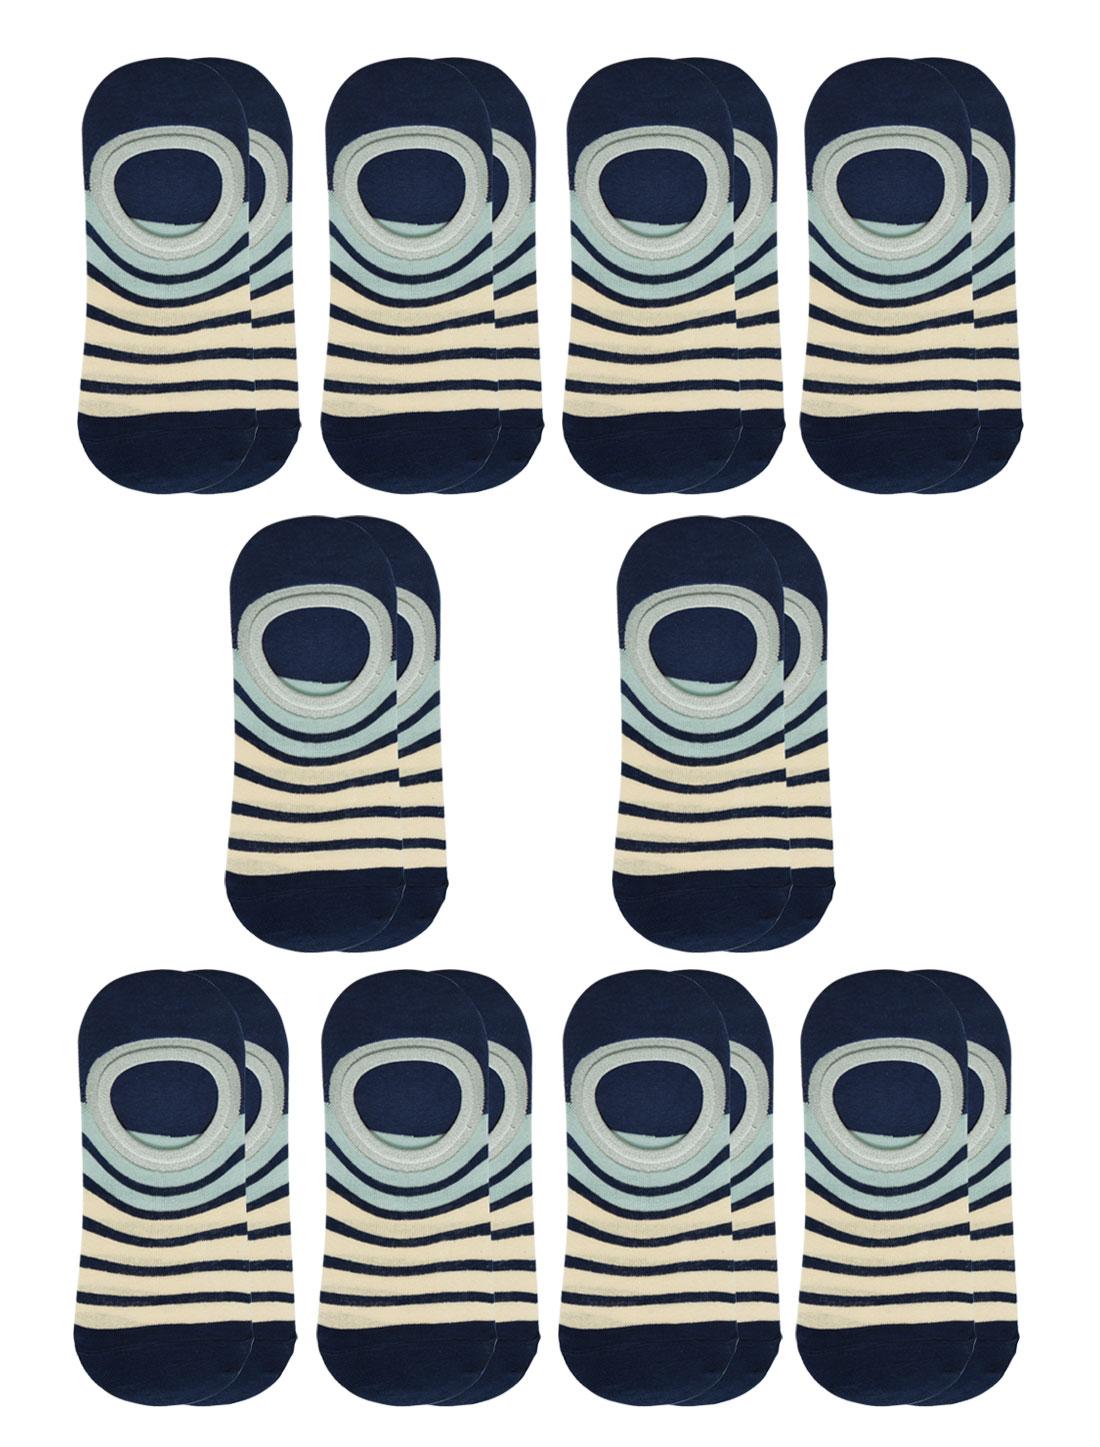 Women Stripes Low Cut Contrast Color No Show Socks 10 Pairs Blue M